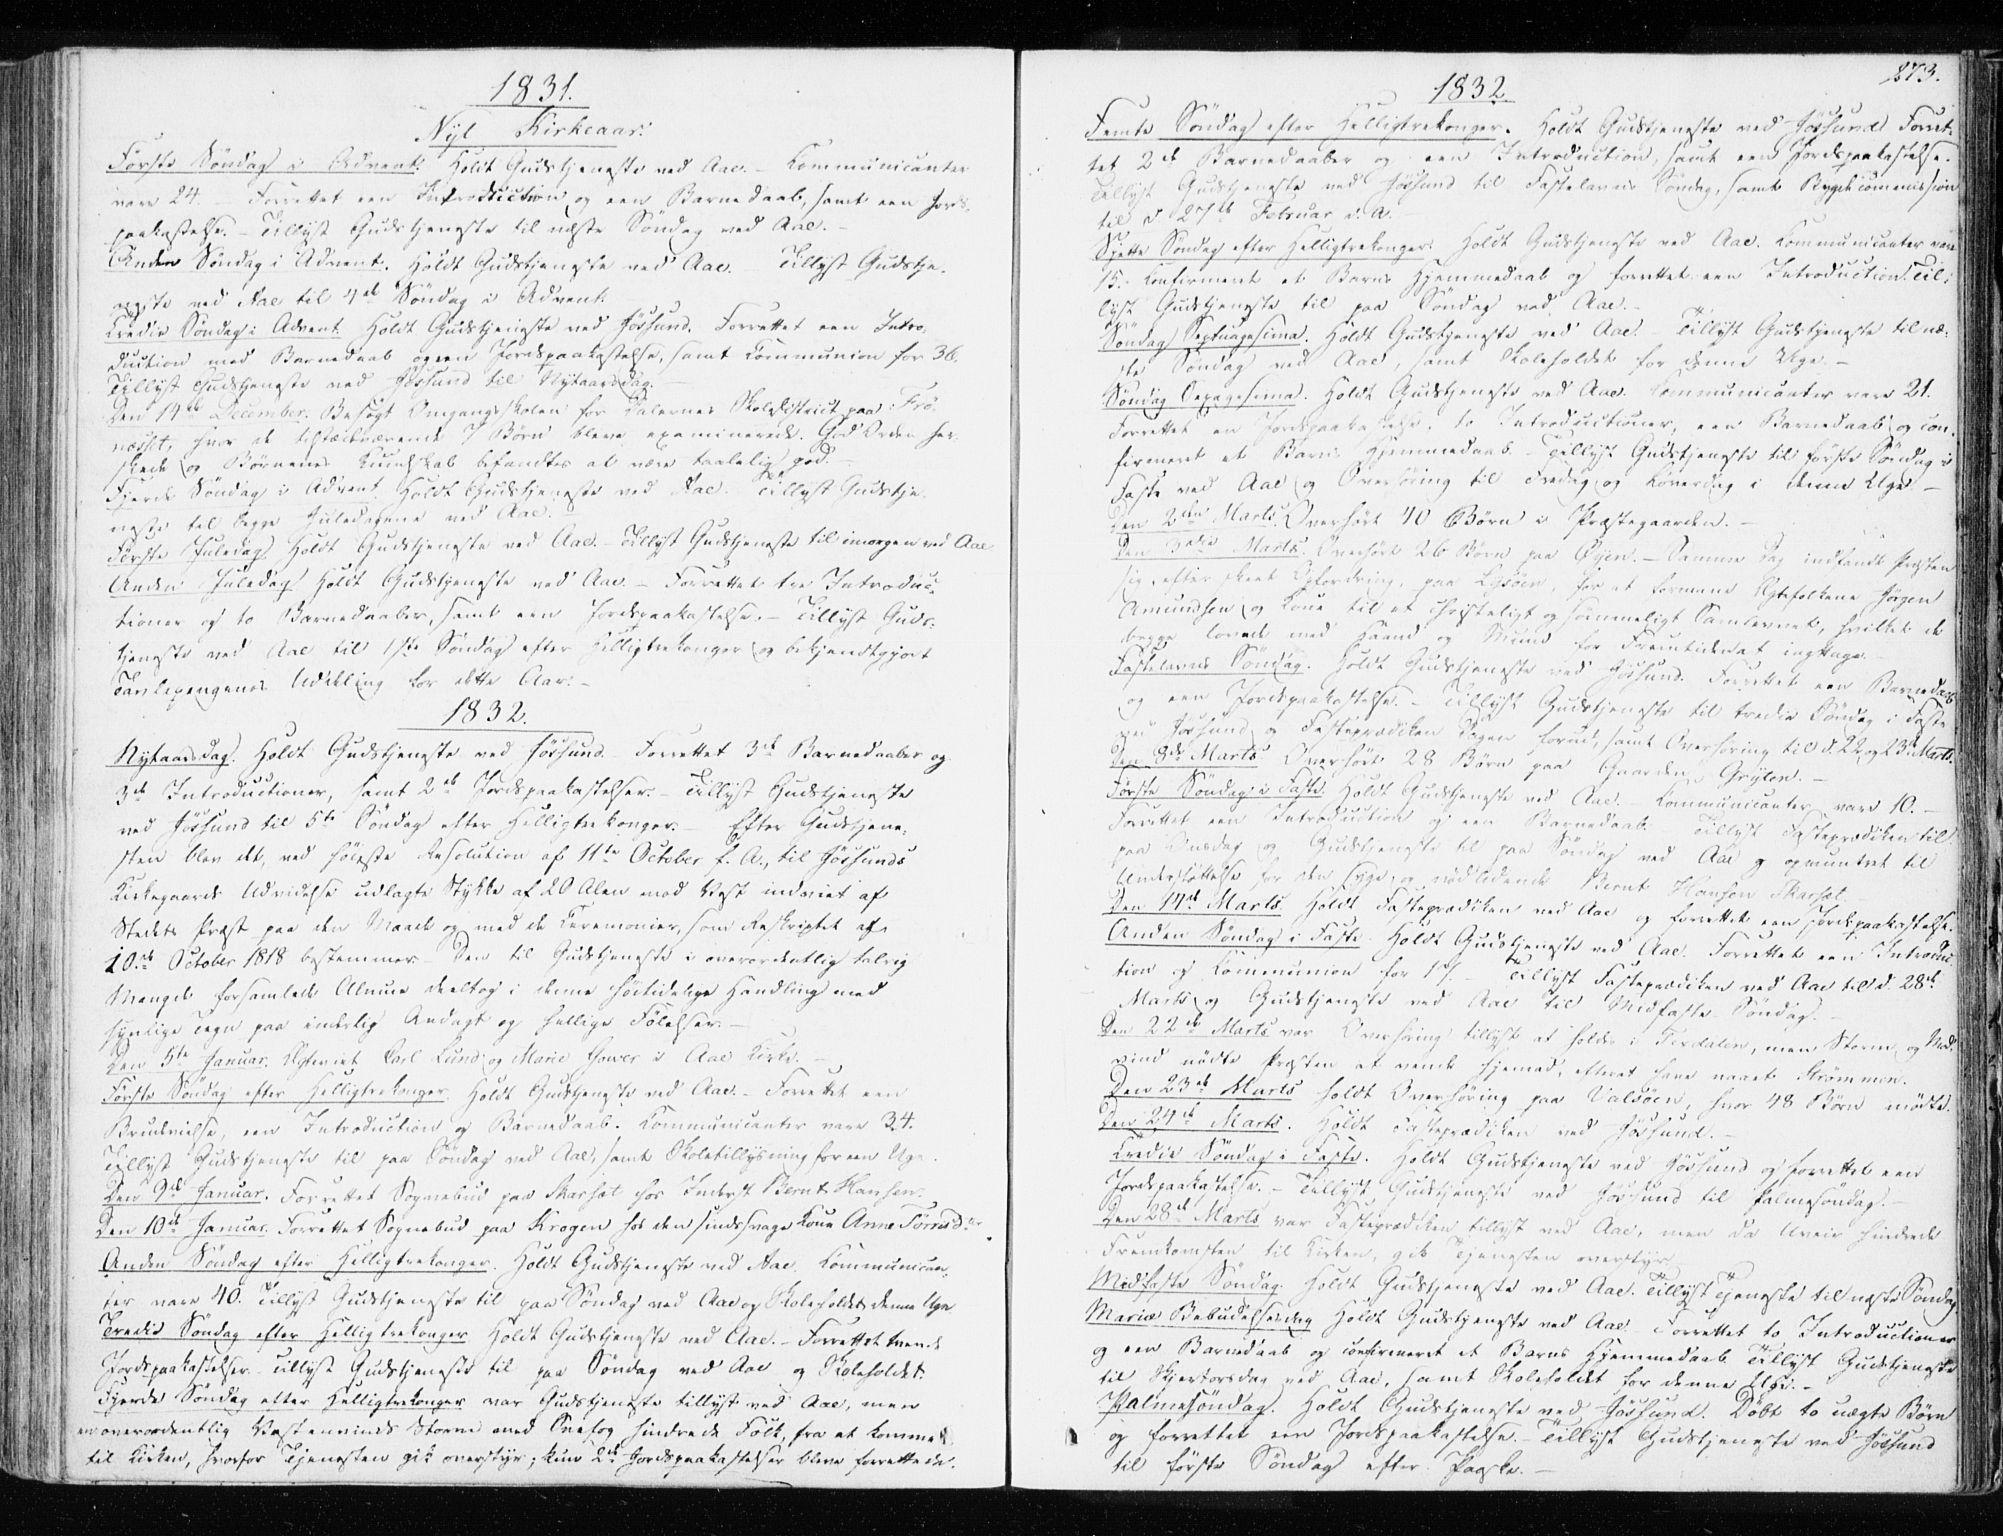 SAT, Ministerialprotokoller, klokkerbøker og fødselsregistre - Sør-Trøndelag, 655/L0676: Ministerialbok nr. 655A05, 1830-1847, s. 273